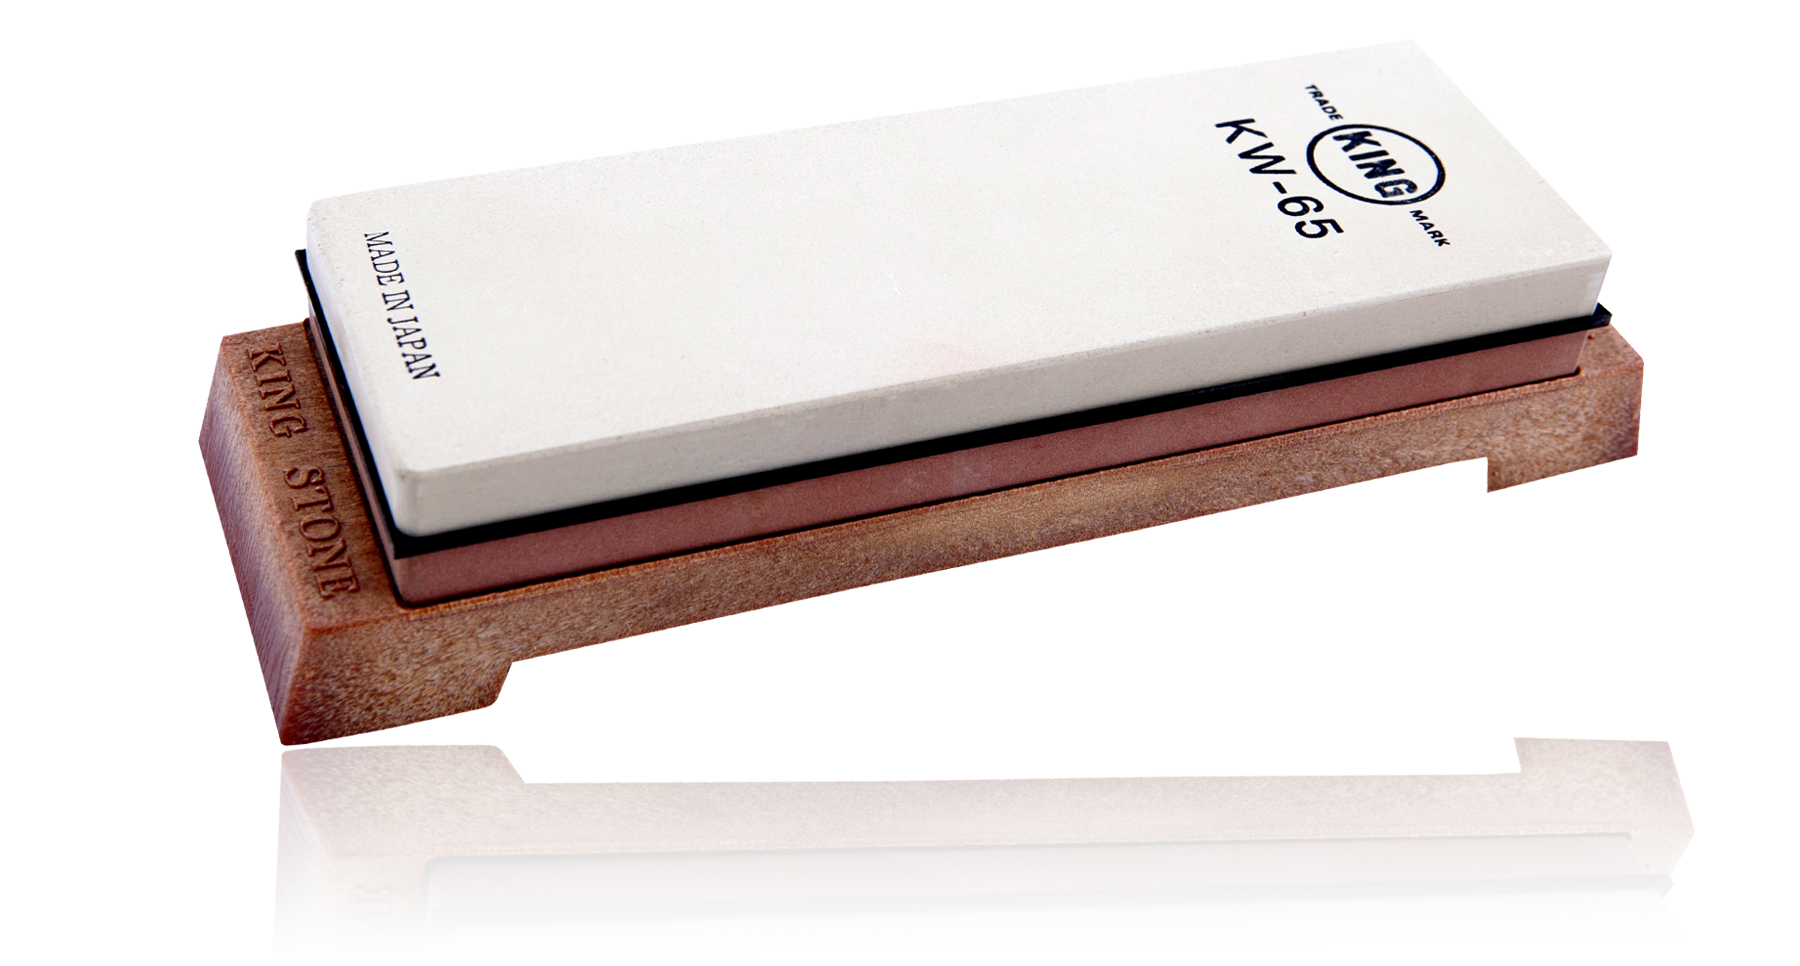 Камень точильный водный комбинированный 185*63*25мм грубый/финишный с подставкой #0800/#4000, King